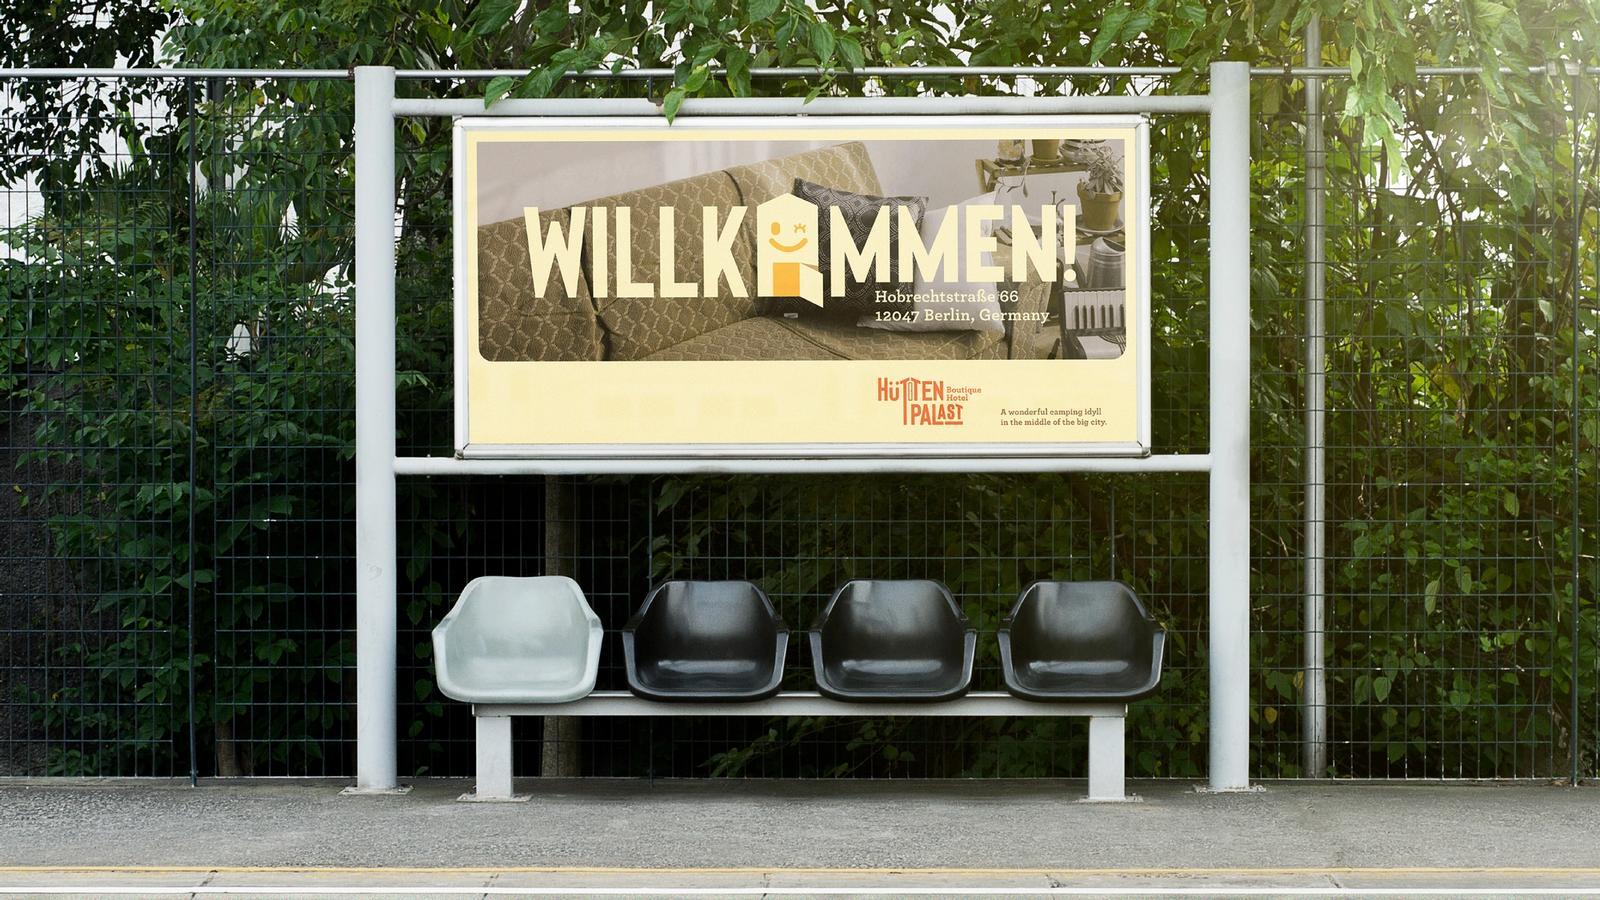 Hüttenpalast Hotel // Outdoor Advertising